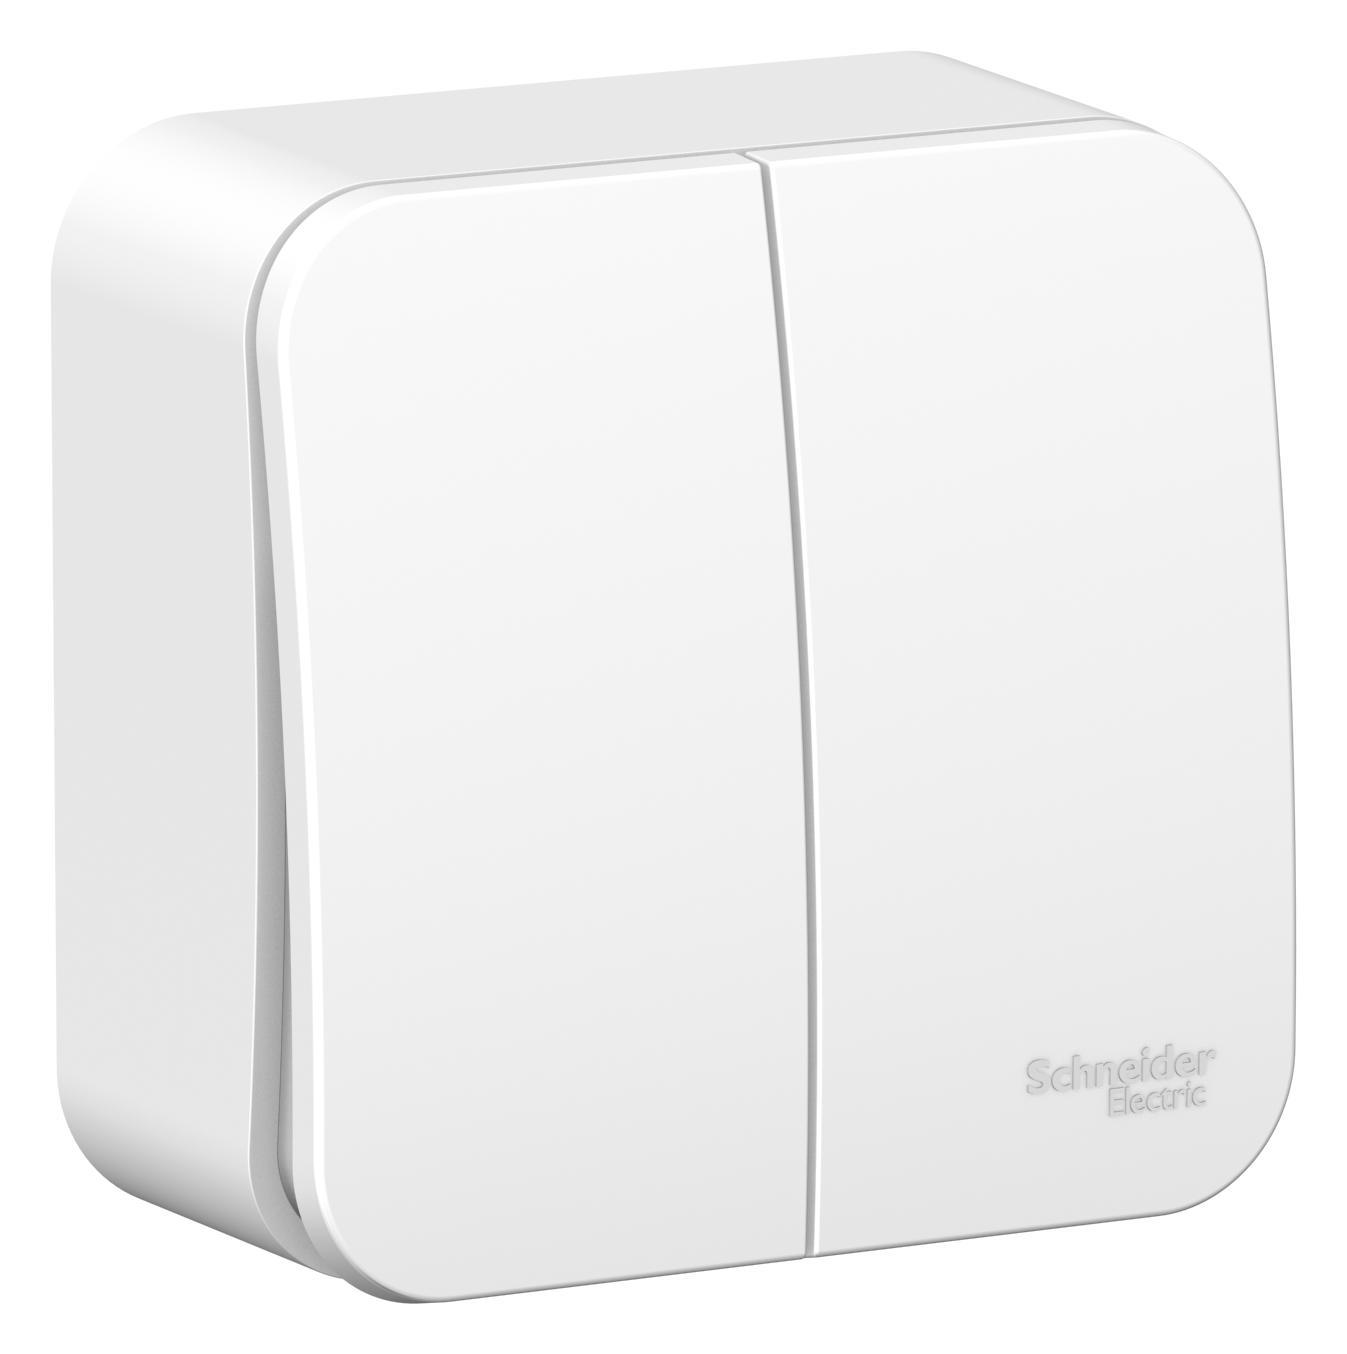 Выключатель Schneider electric Blnva065001 blanca выключатель schneider electric blnva105014 blanca